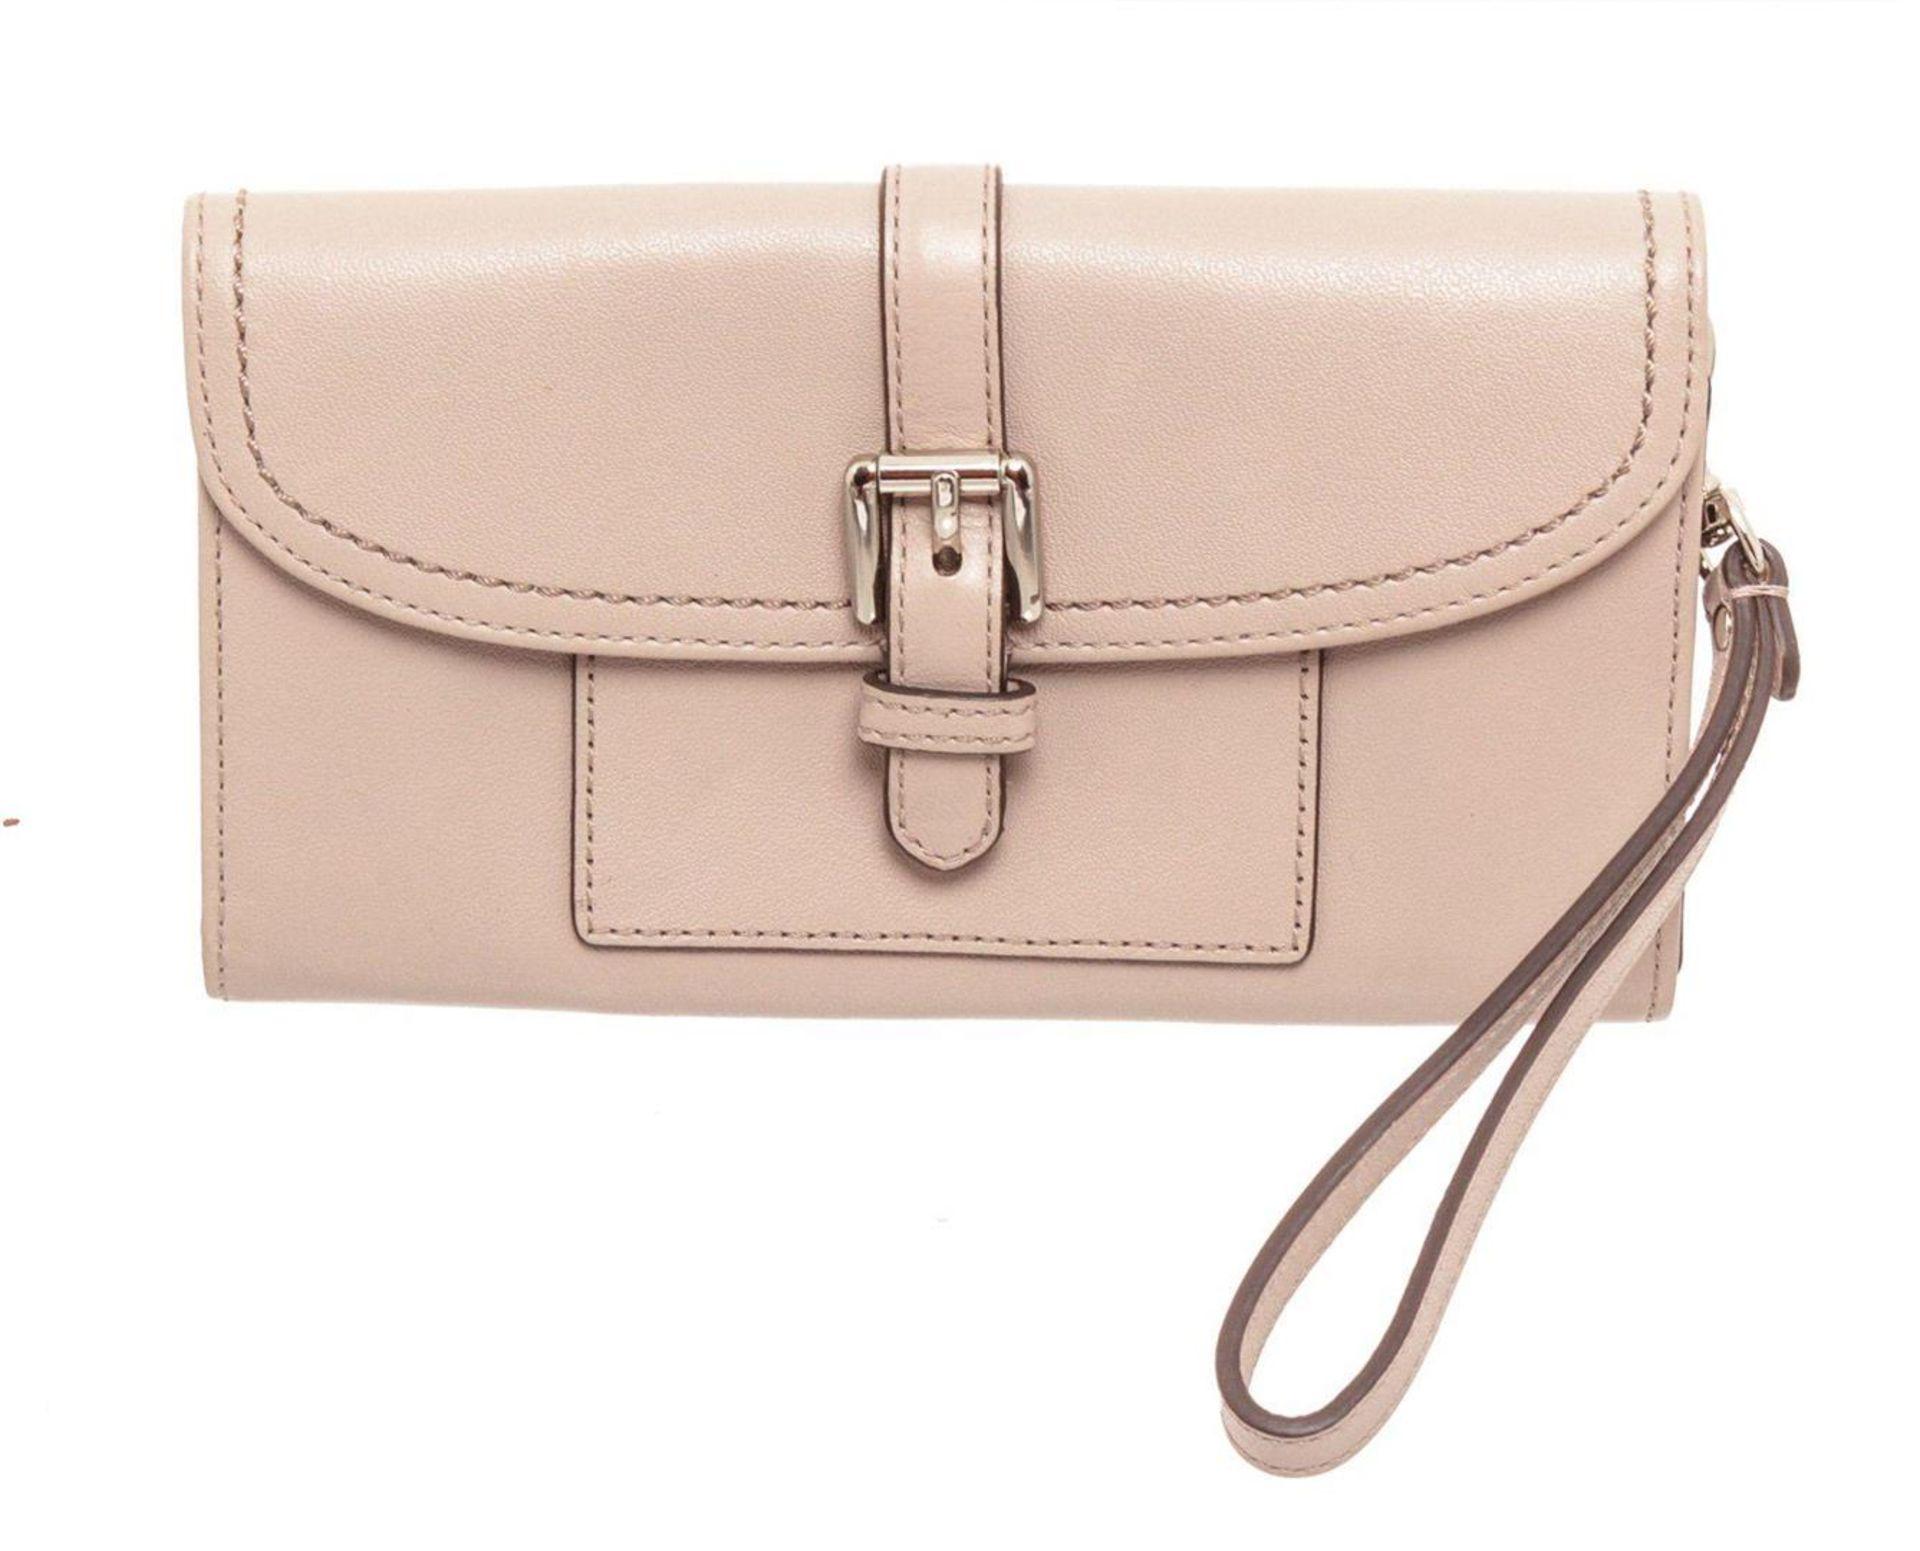 Coach Beige Leather Hybrid Wristlet Wallet